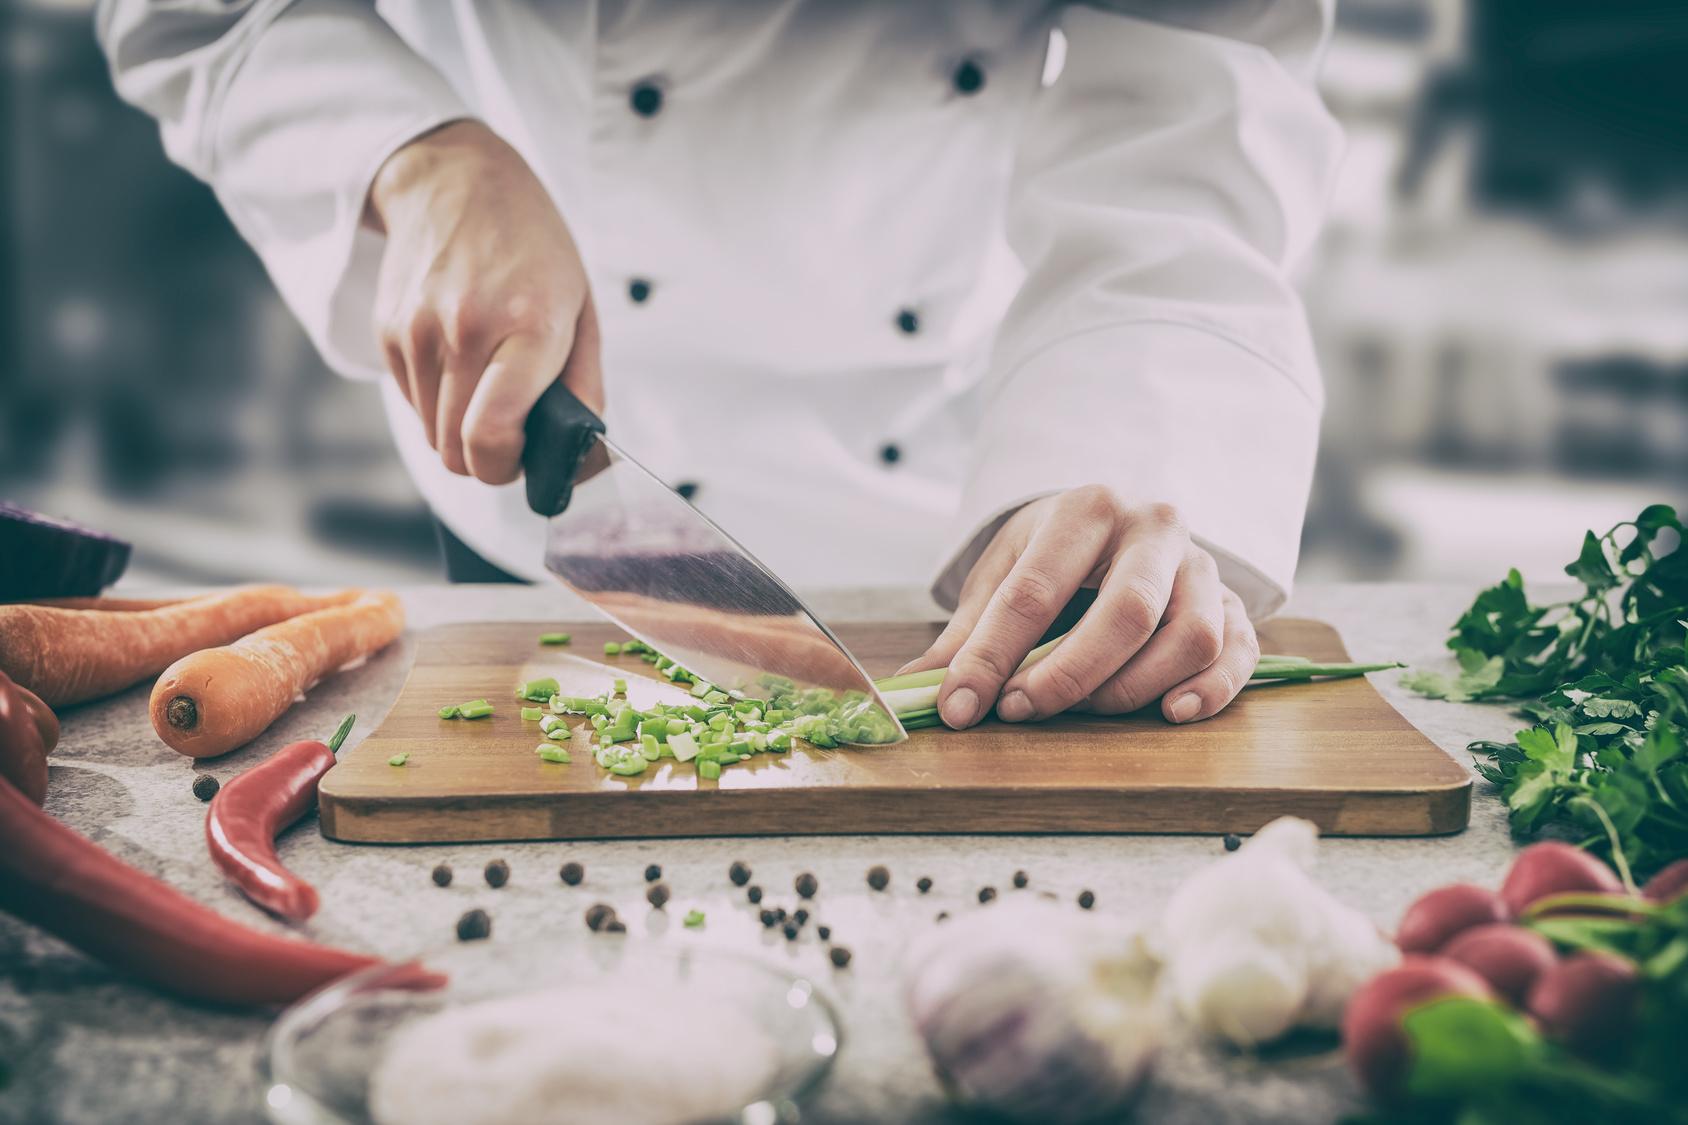 kuchnia kucharz gotowanie warzywa dieta - Fotolia